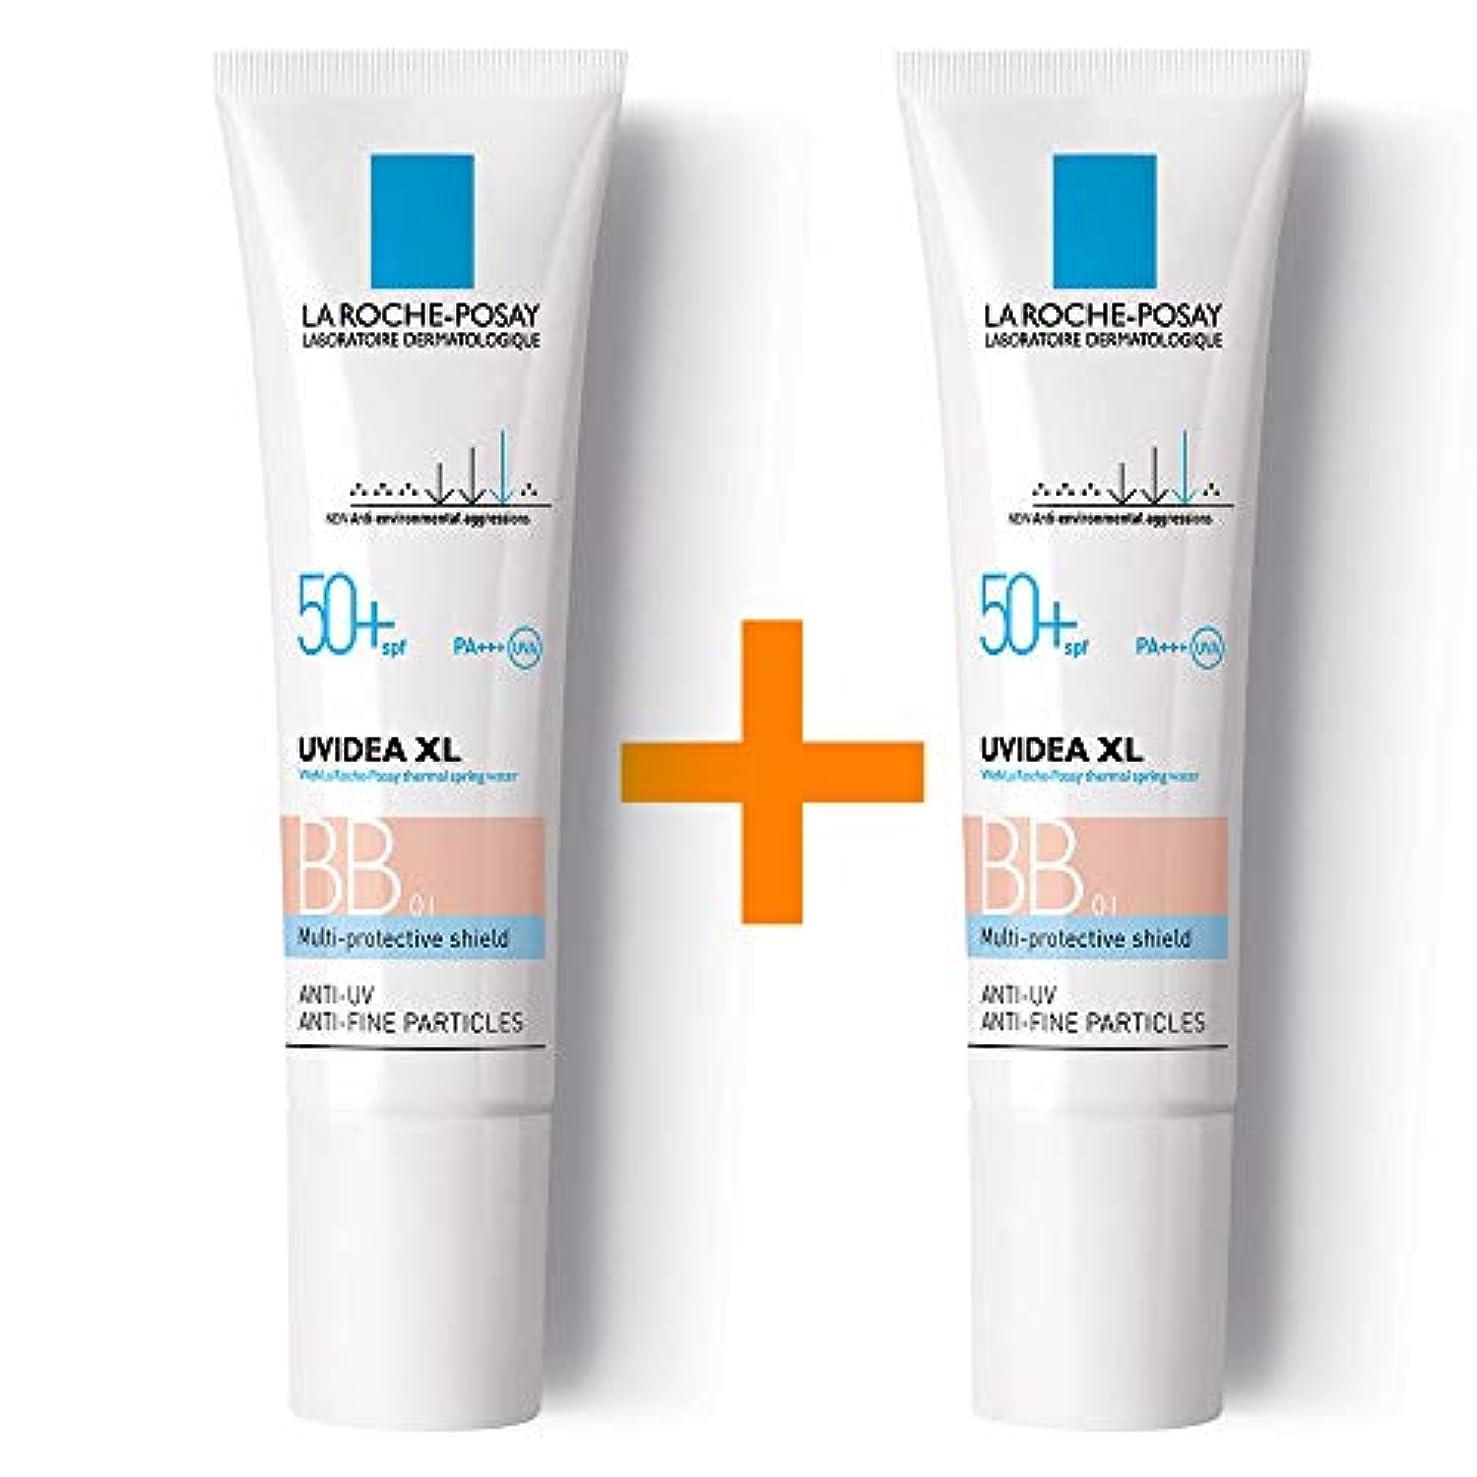 一緒に栄光のペインギリック[ 1 + 1 ] La Roche-Posay ラロッシュポゼ UVイデア XL プロテクションBB(01ライト) Uvidea XL BB Cream - #01 (30ml) SPF50+ PA++++ フランス日焼け止め